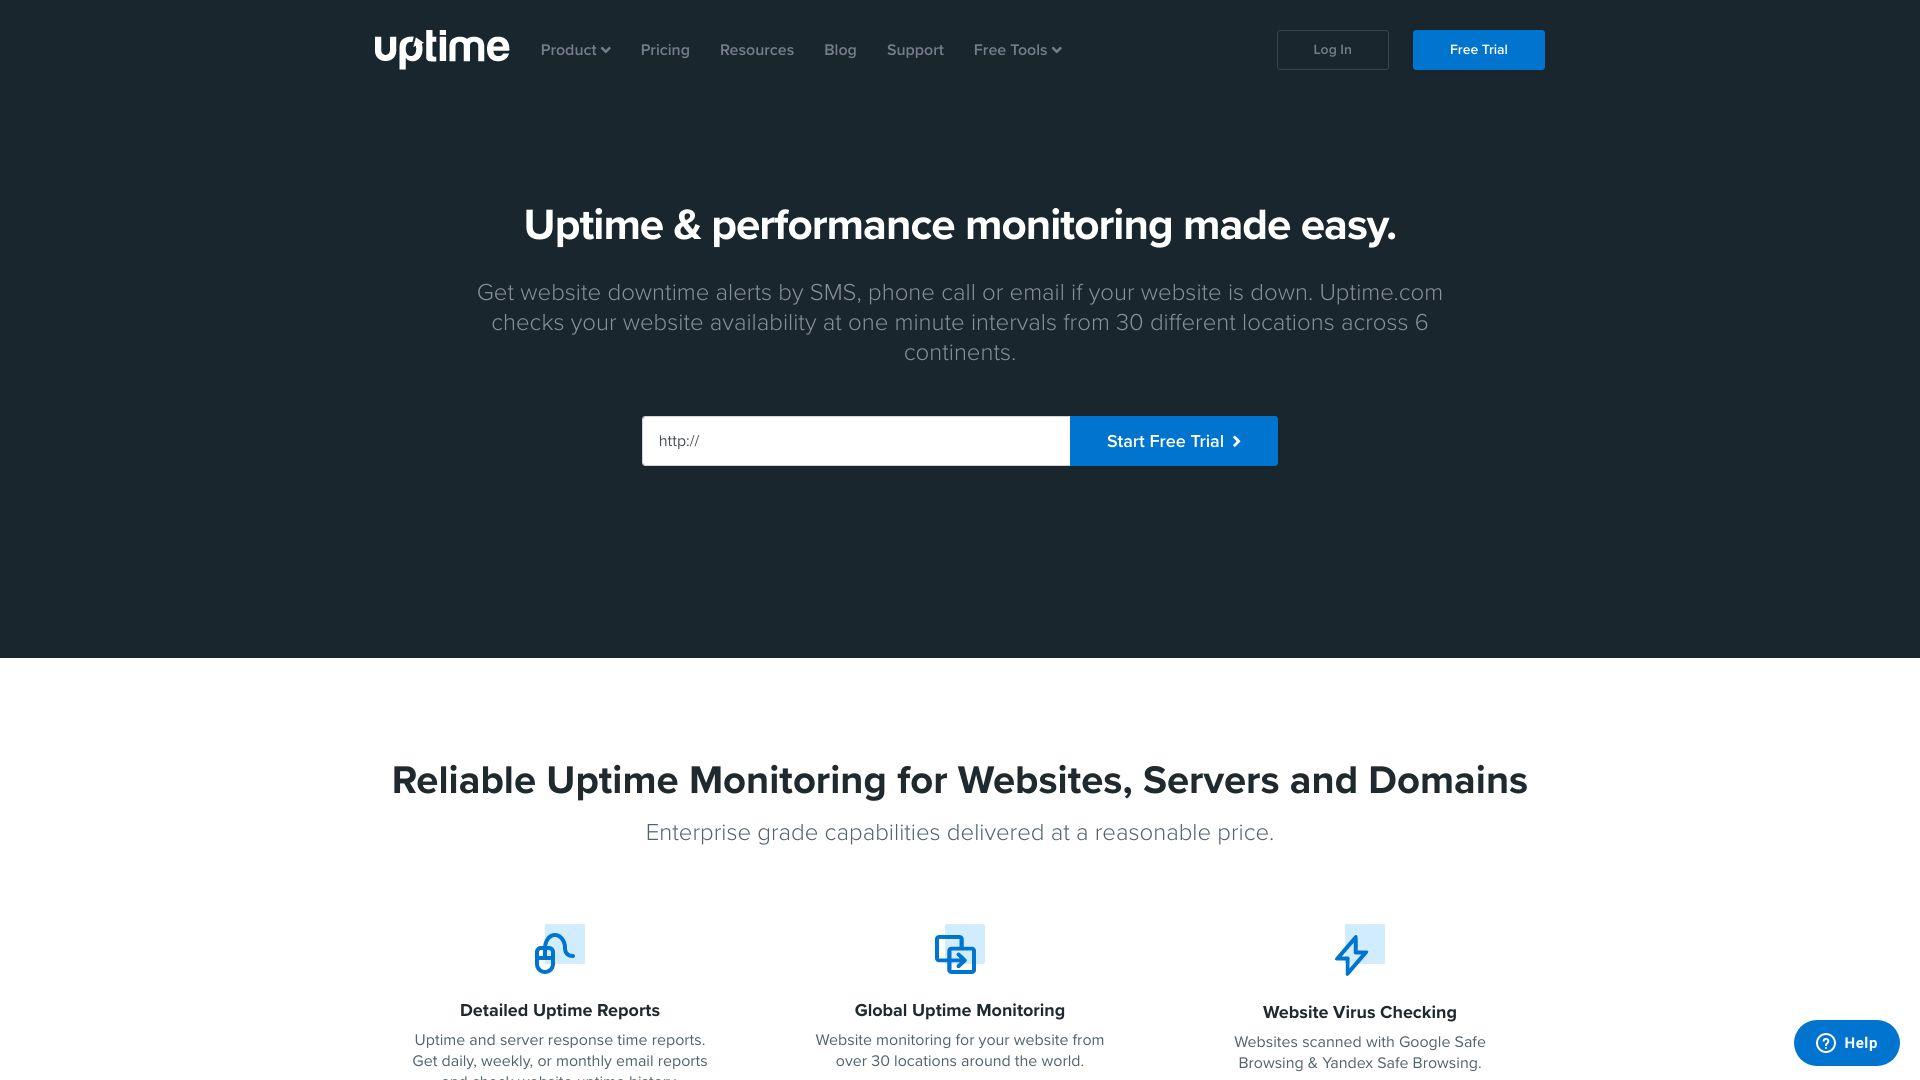 uptime.com